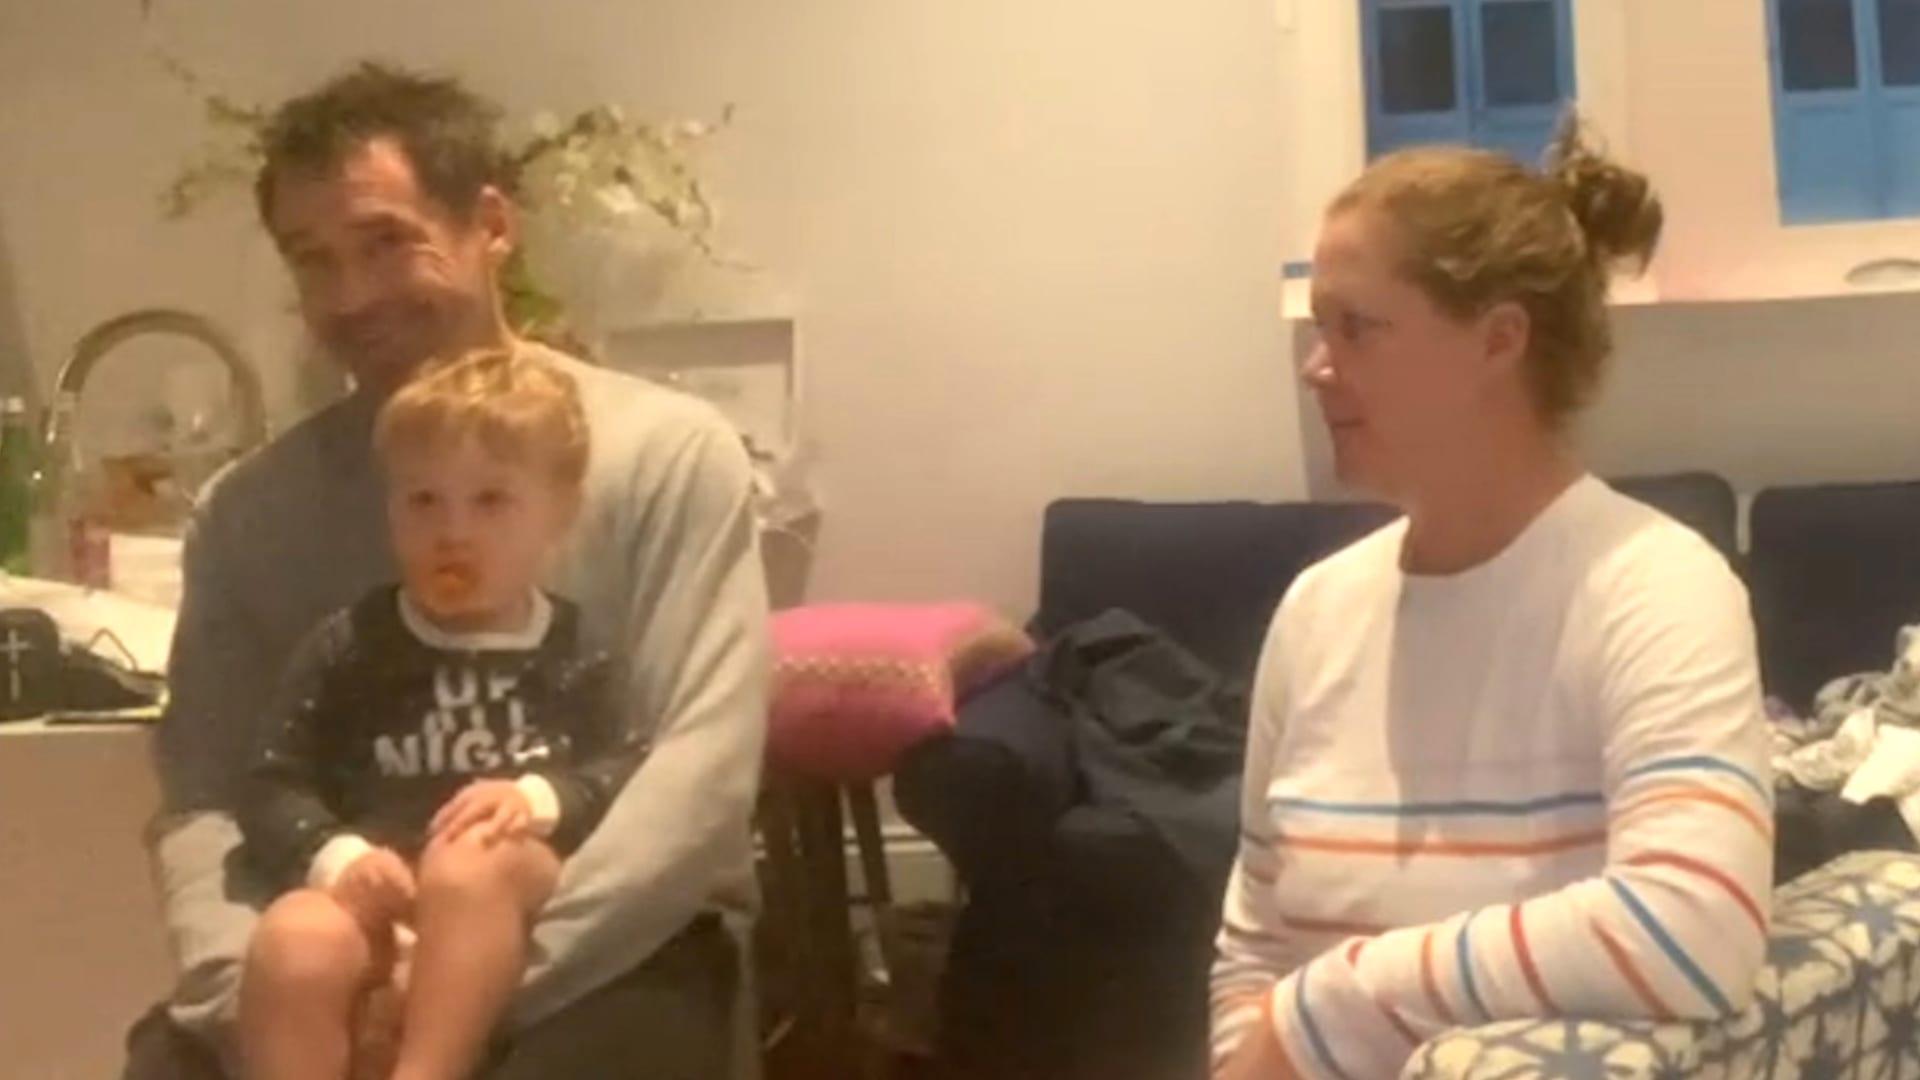 شاهد دهشة رضيع يرى والدته في إعلان تلفزيوني بينما هي بجانبه